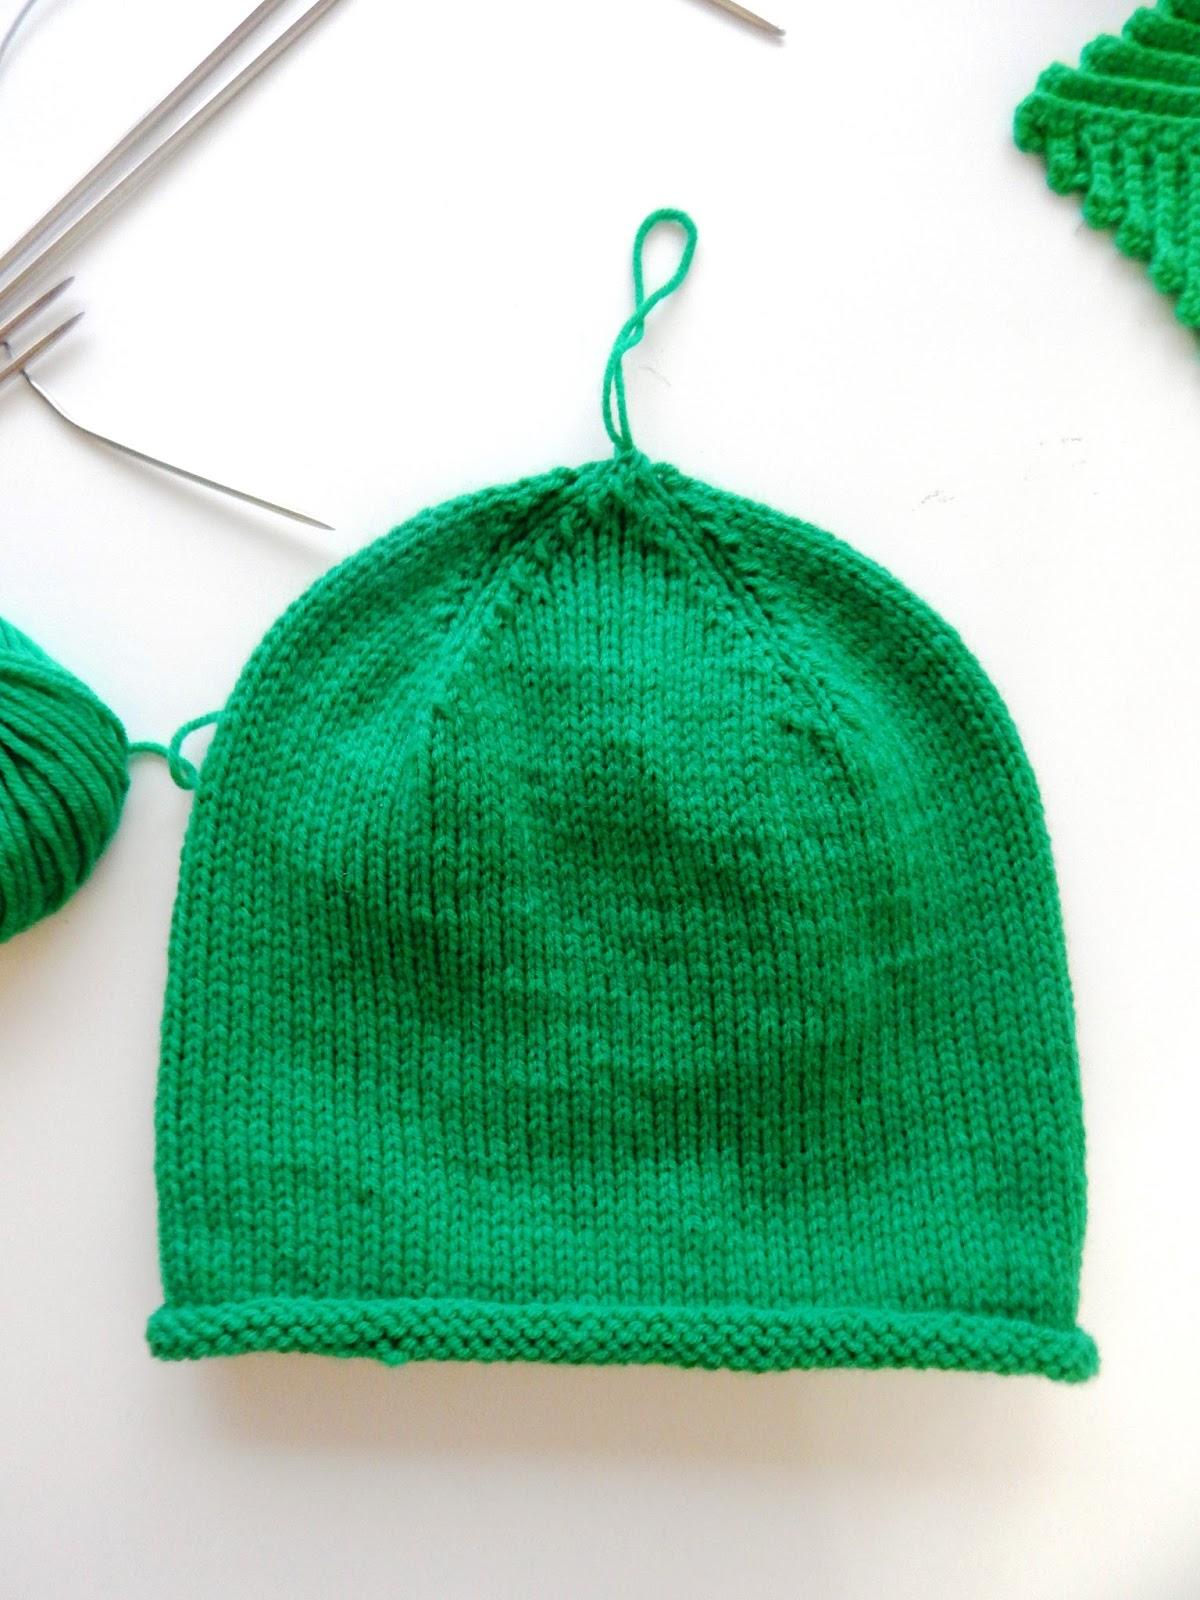 Как сделать убавки на шапке фото 495